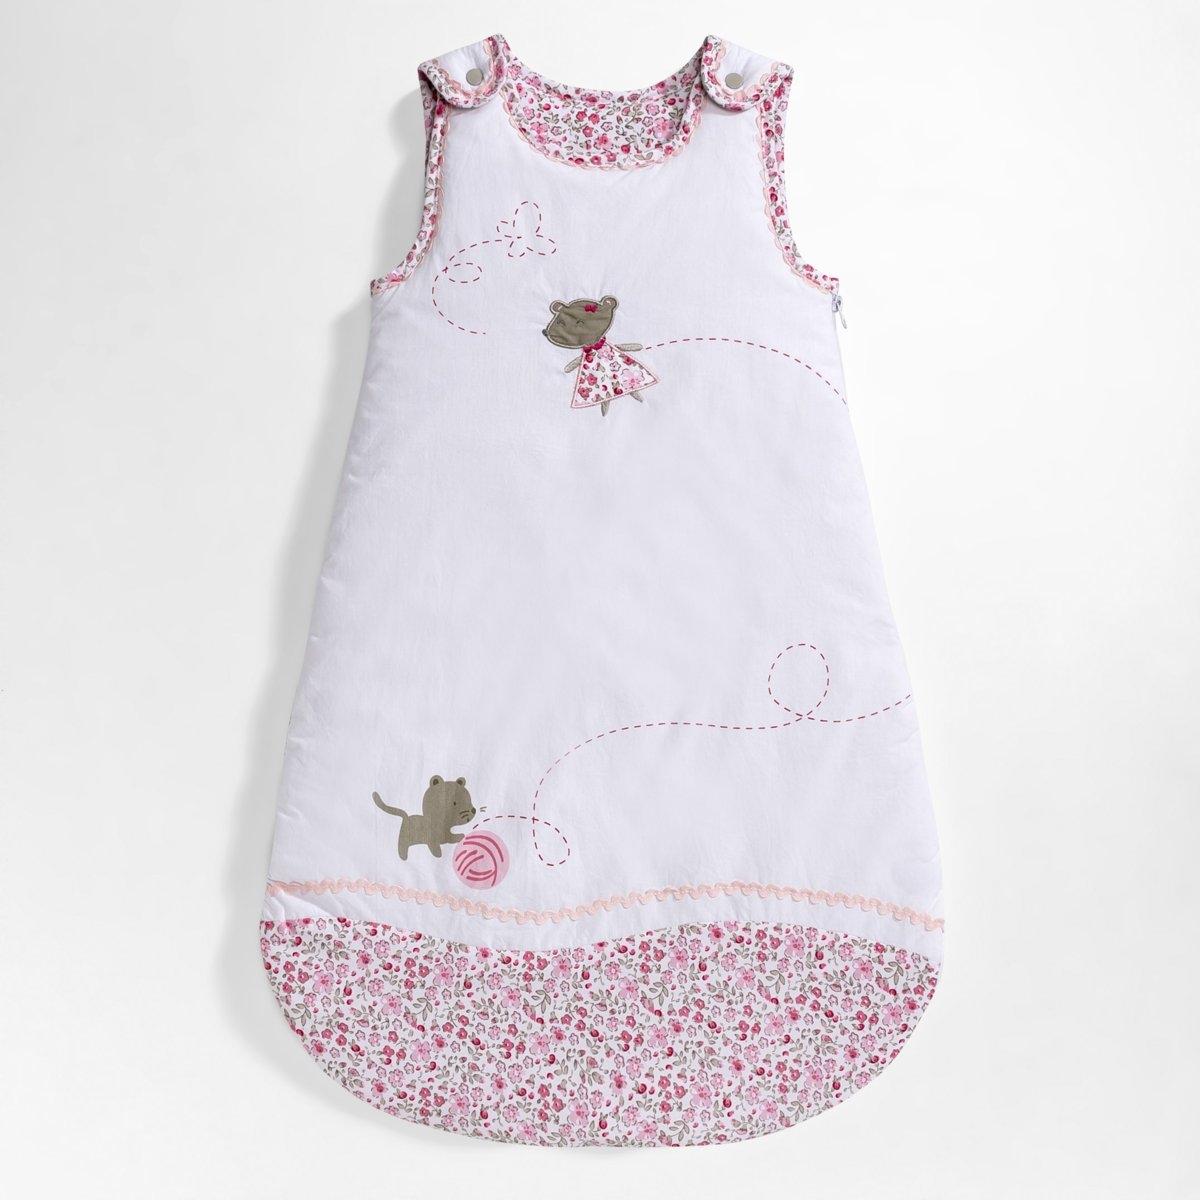 Конверт теплый для новорожденного с цветочным рисунком из перкали, 100% хлопок